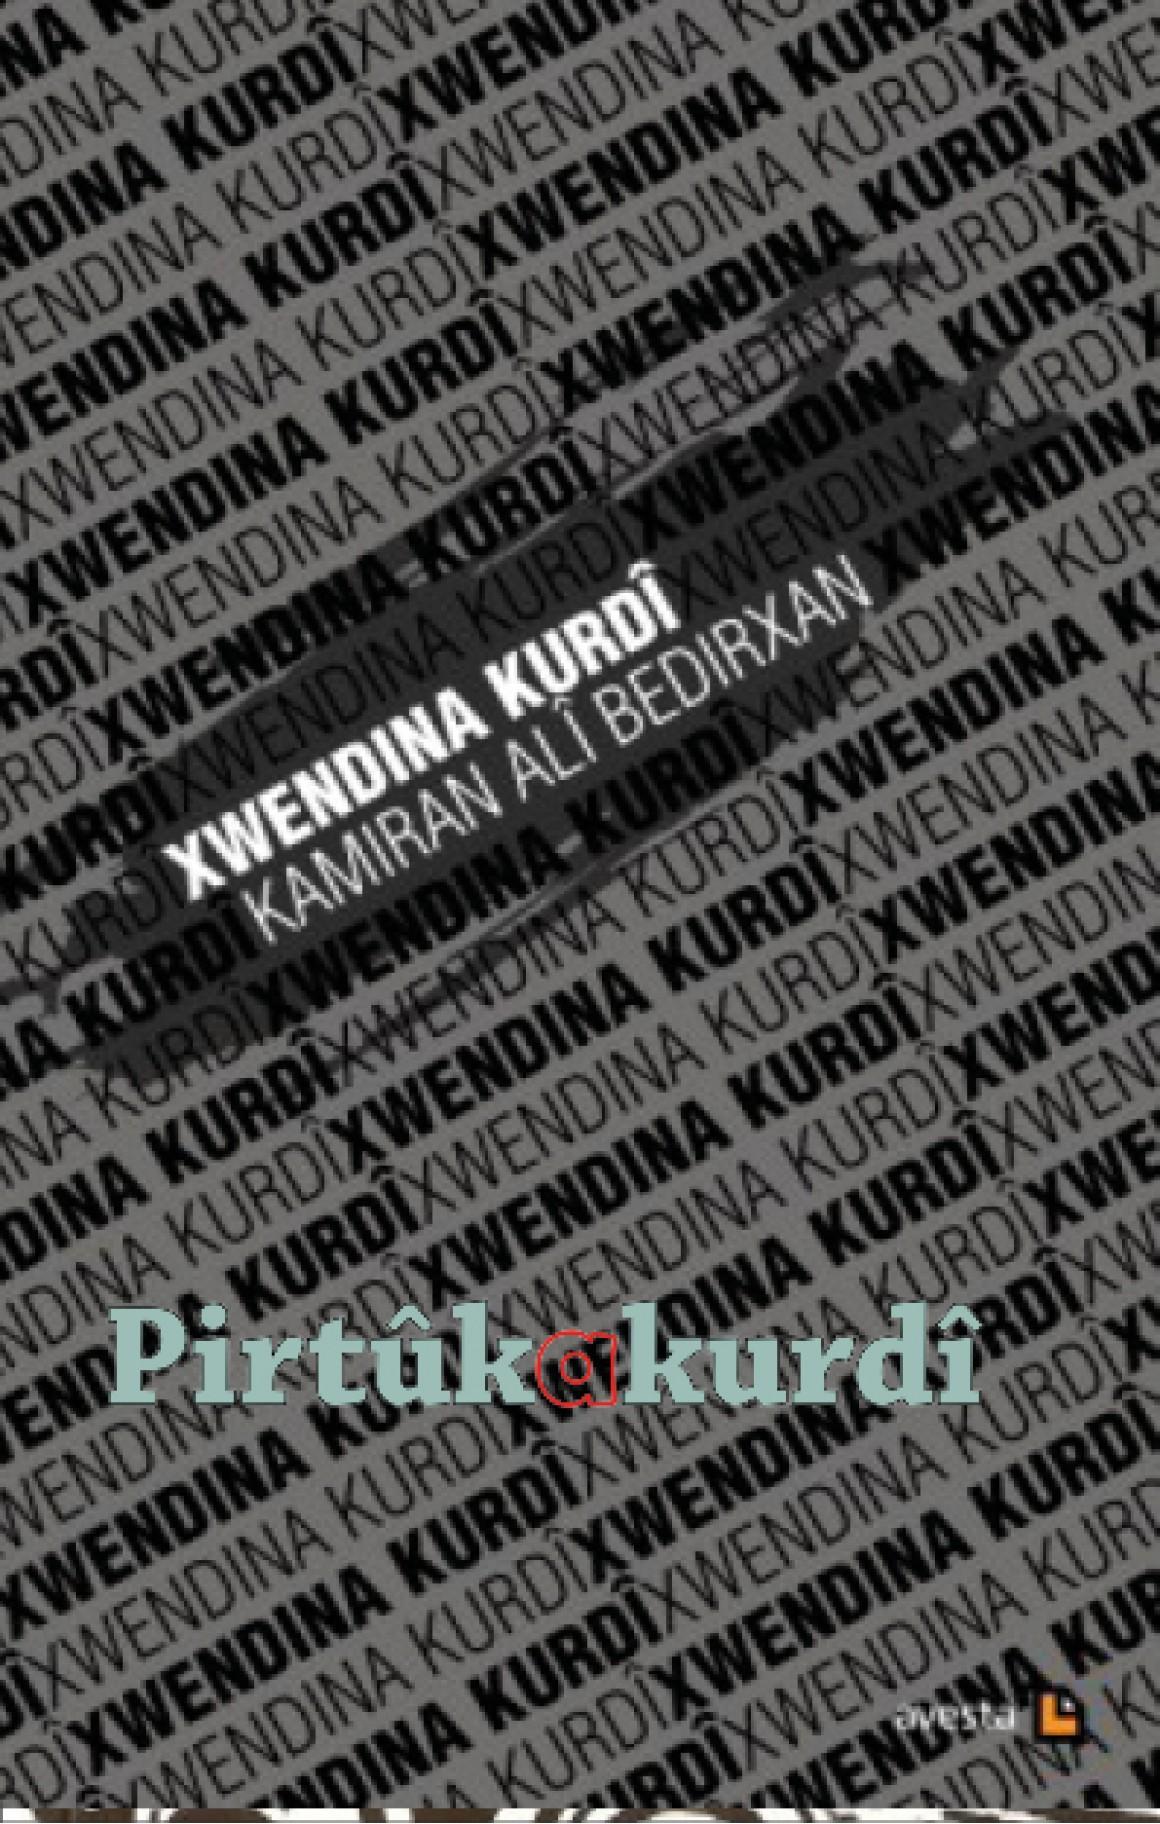 Xwendina Kurdî